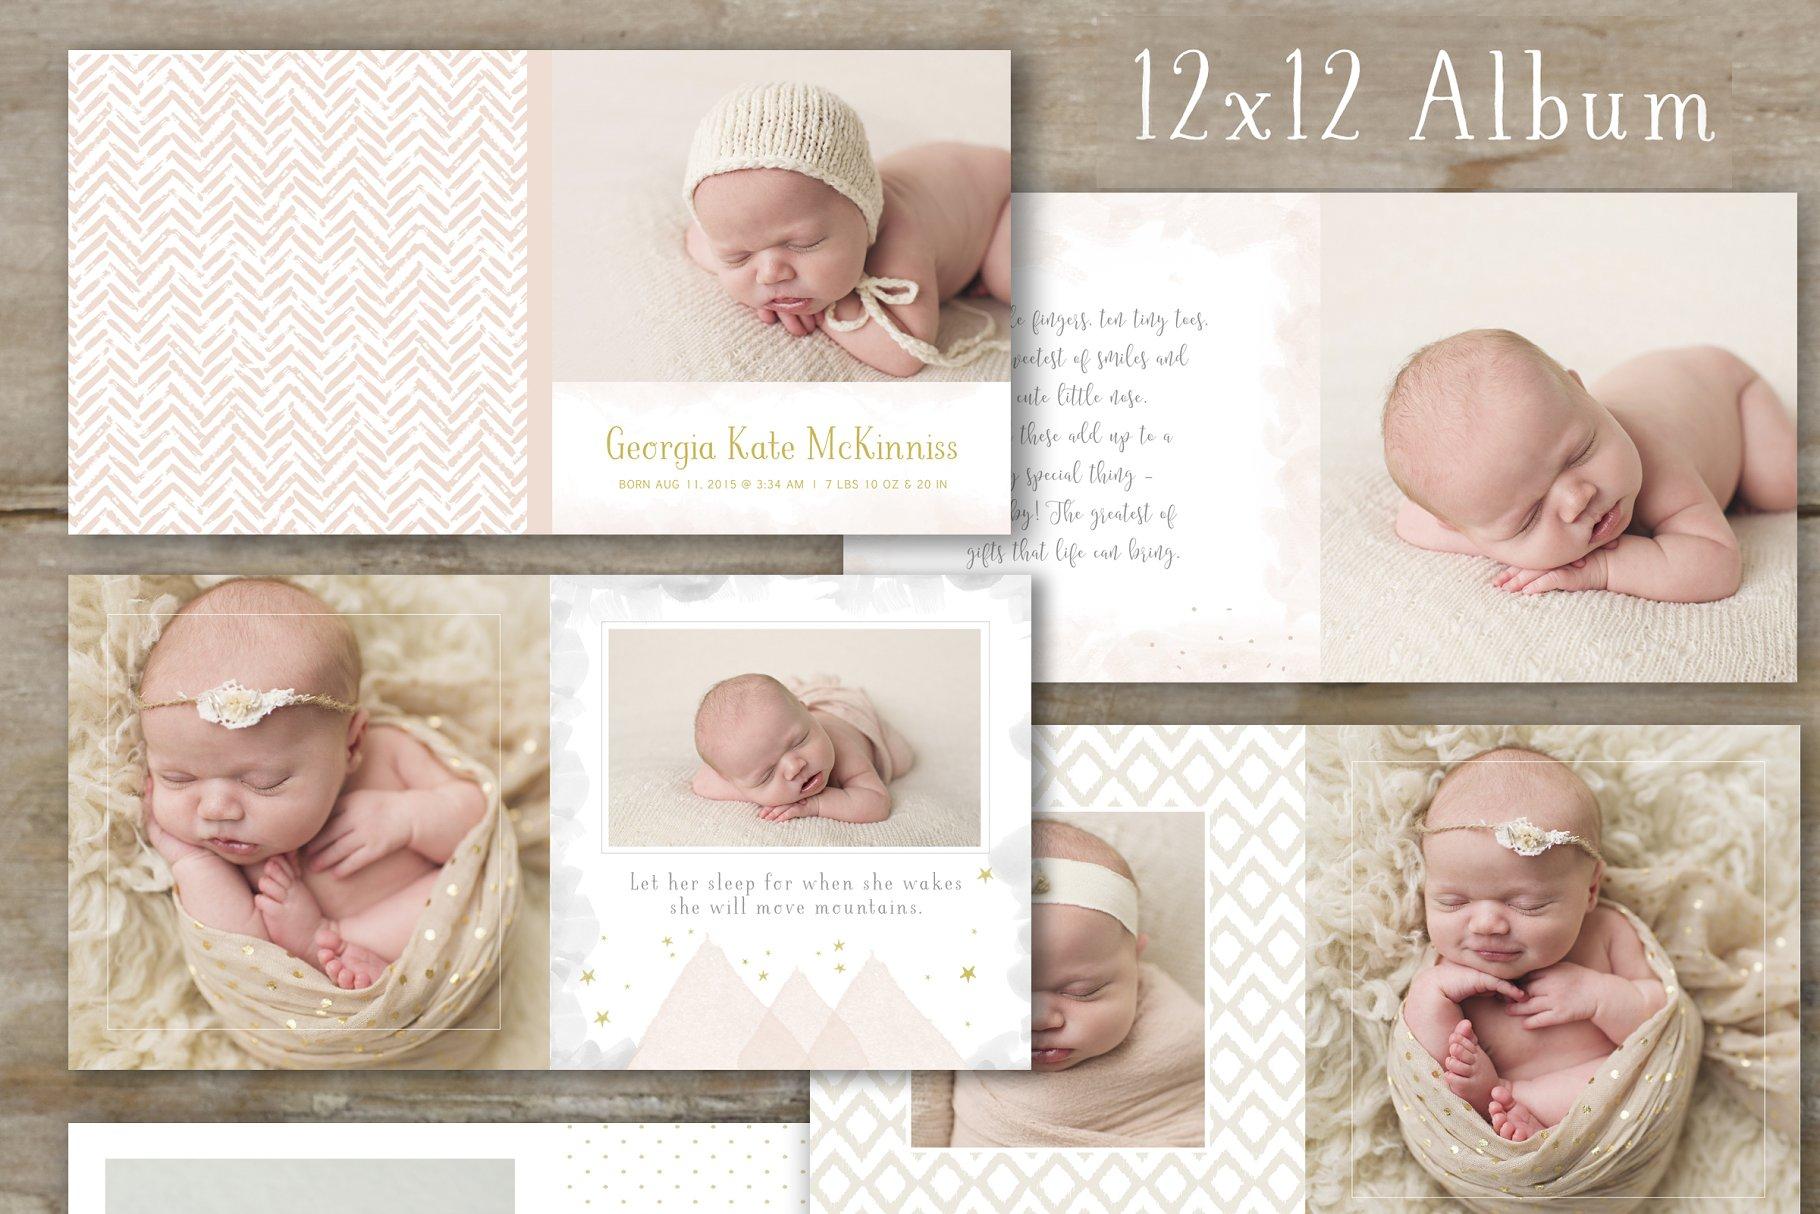 Baby Calendar Design : Photo book template baby album templates creative